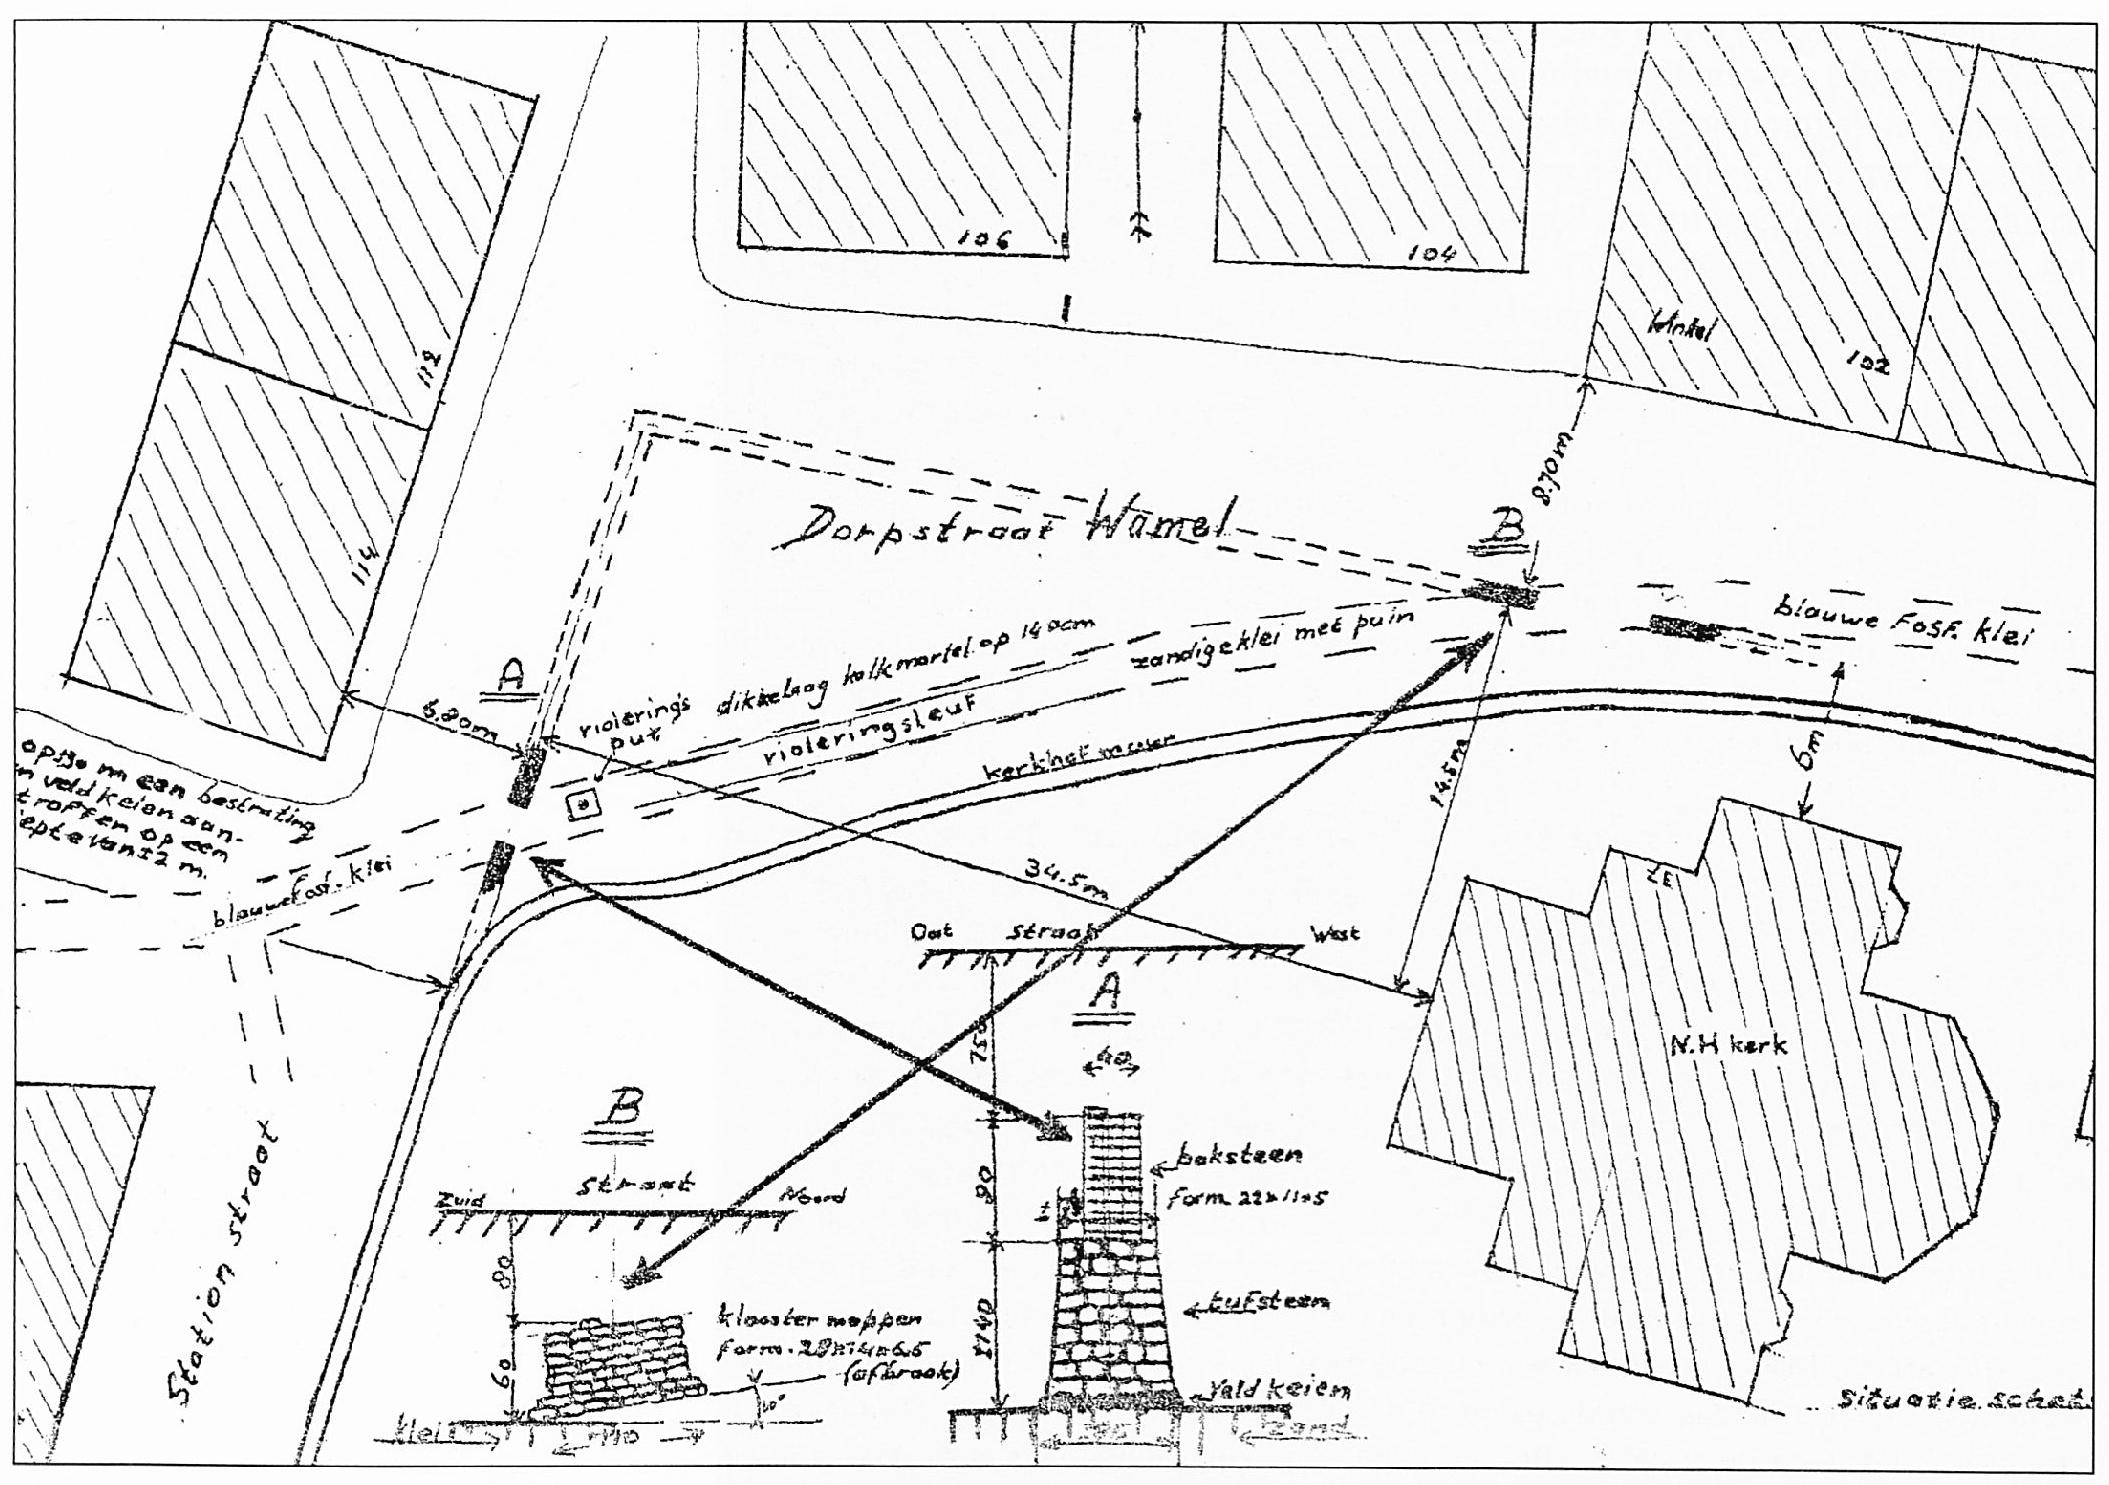 Een situatieschets van opgravingen in de omgeving van de Ned. Herv. Kerk. Hier krijgt men een goede indruk van de grote afmetingen van deze kerk, voordat het schip en de toren werden afgebroken.